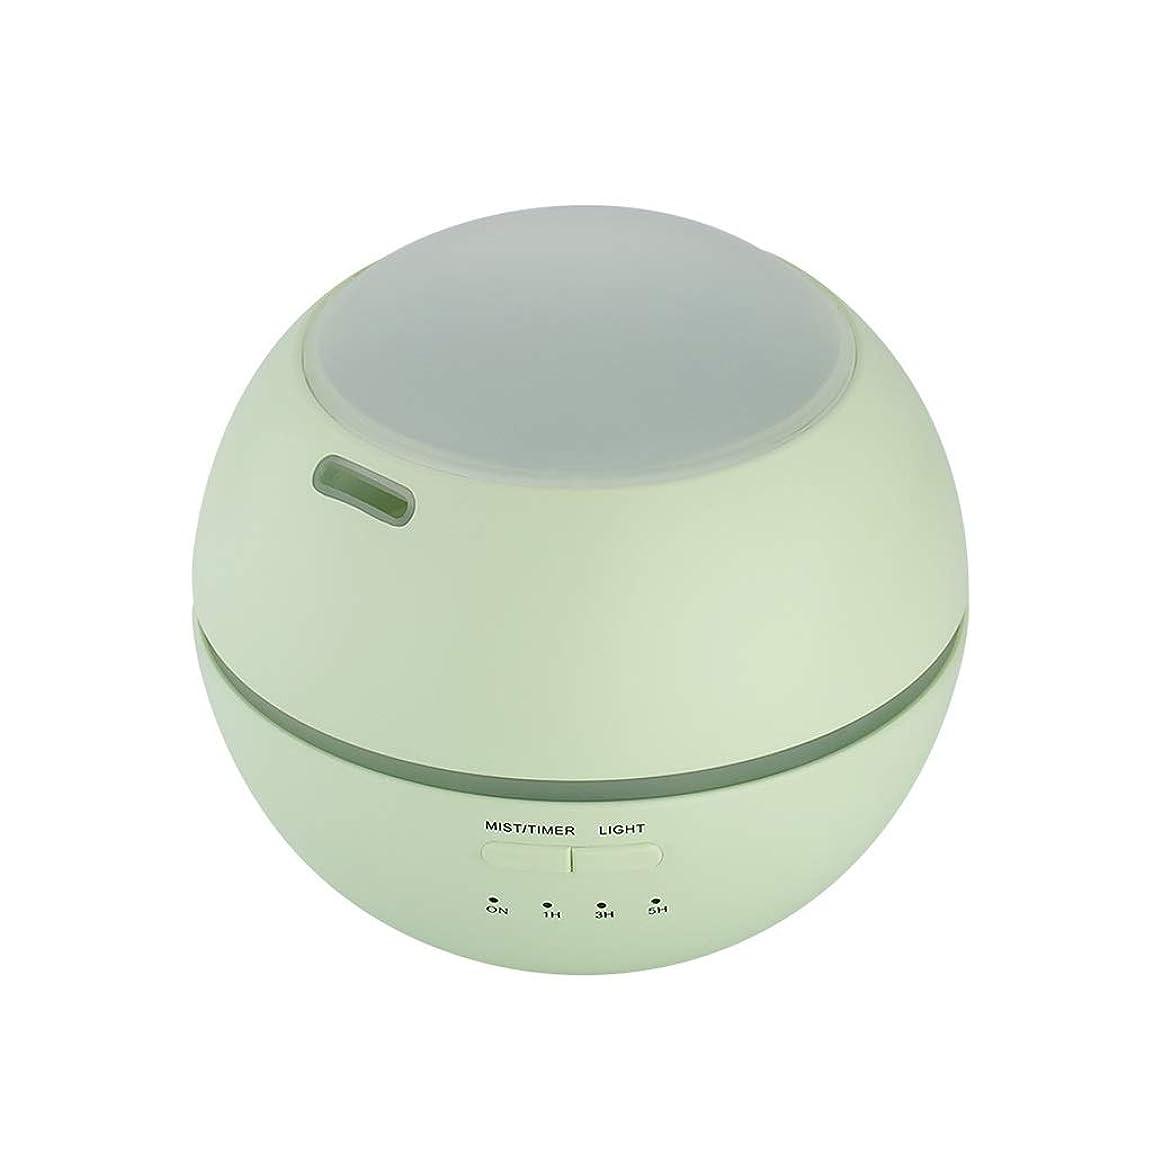 おっとヒープ無駄リードディフューザー アロマ加湿器光と影木目アロママシン超音波ホームクリエイティブ雰囲気ナイトライトアロマ加湿器ミニアロママシン電子エッセンシャルオイルディフューザー YHDD (Color : E)